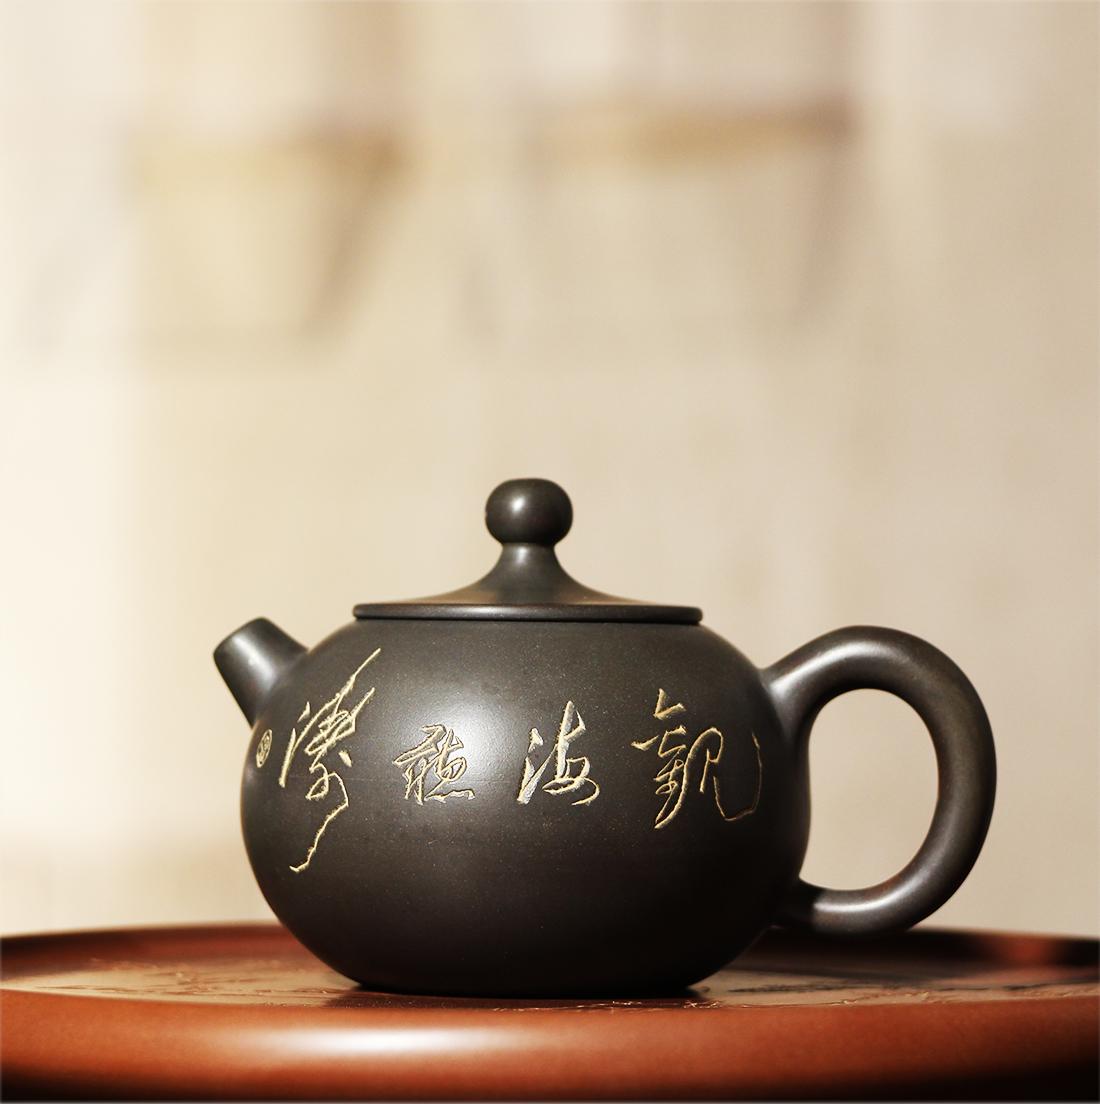 桂藝堂精品純手工坭興陶精品茶壺¥480